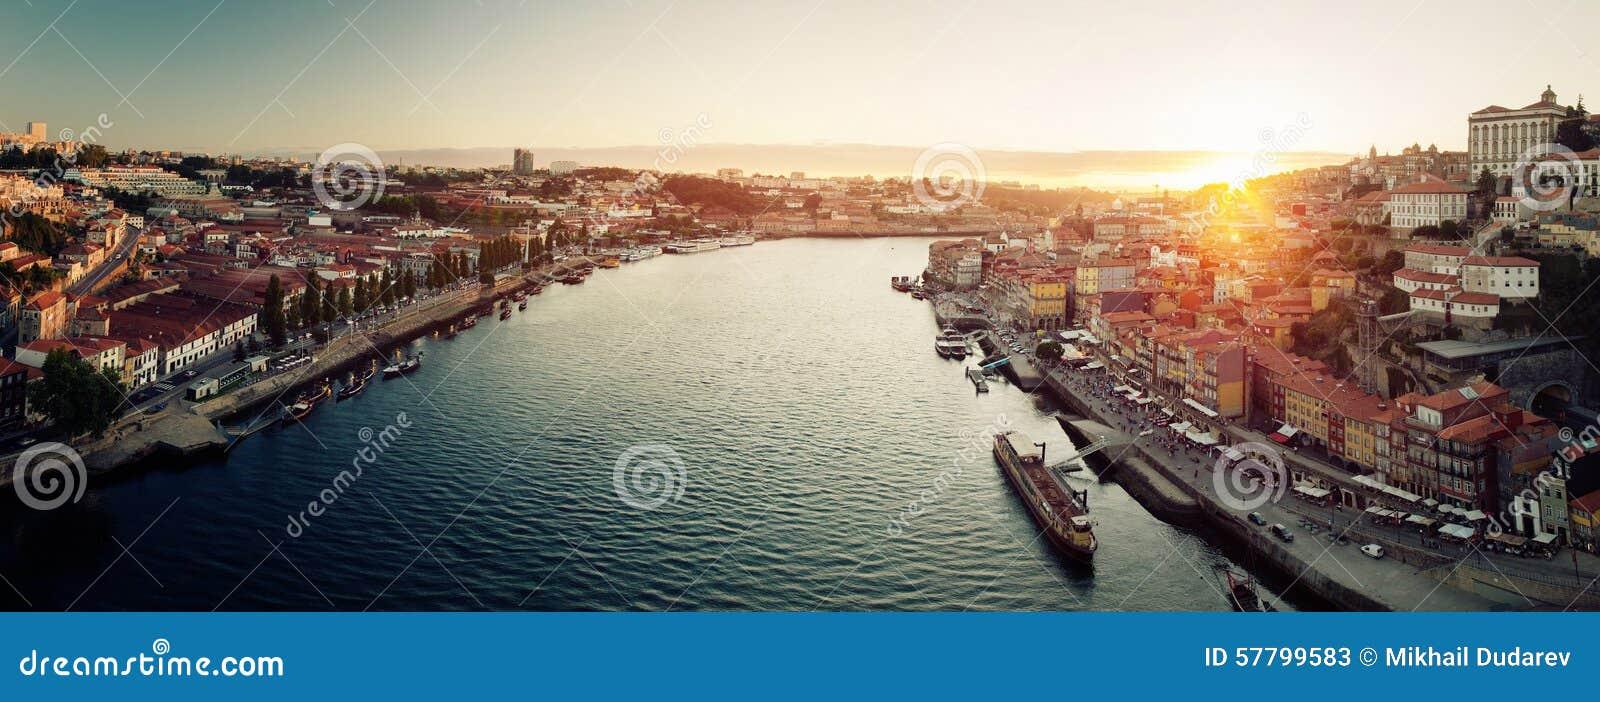 Porto miasta panorama